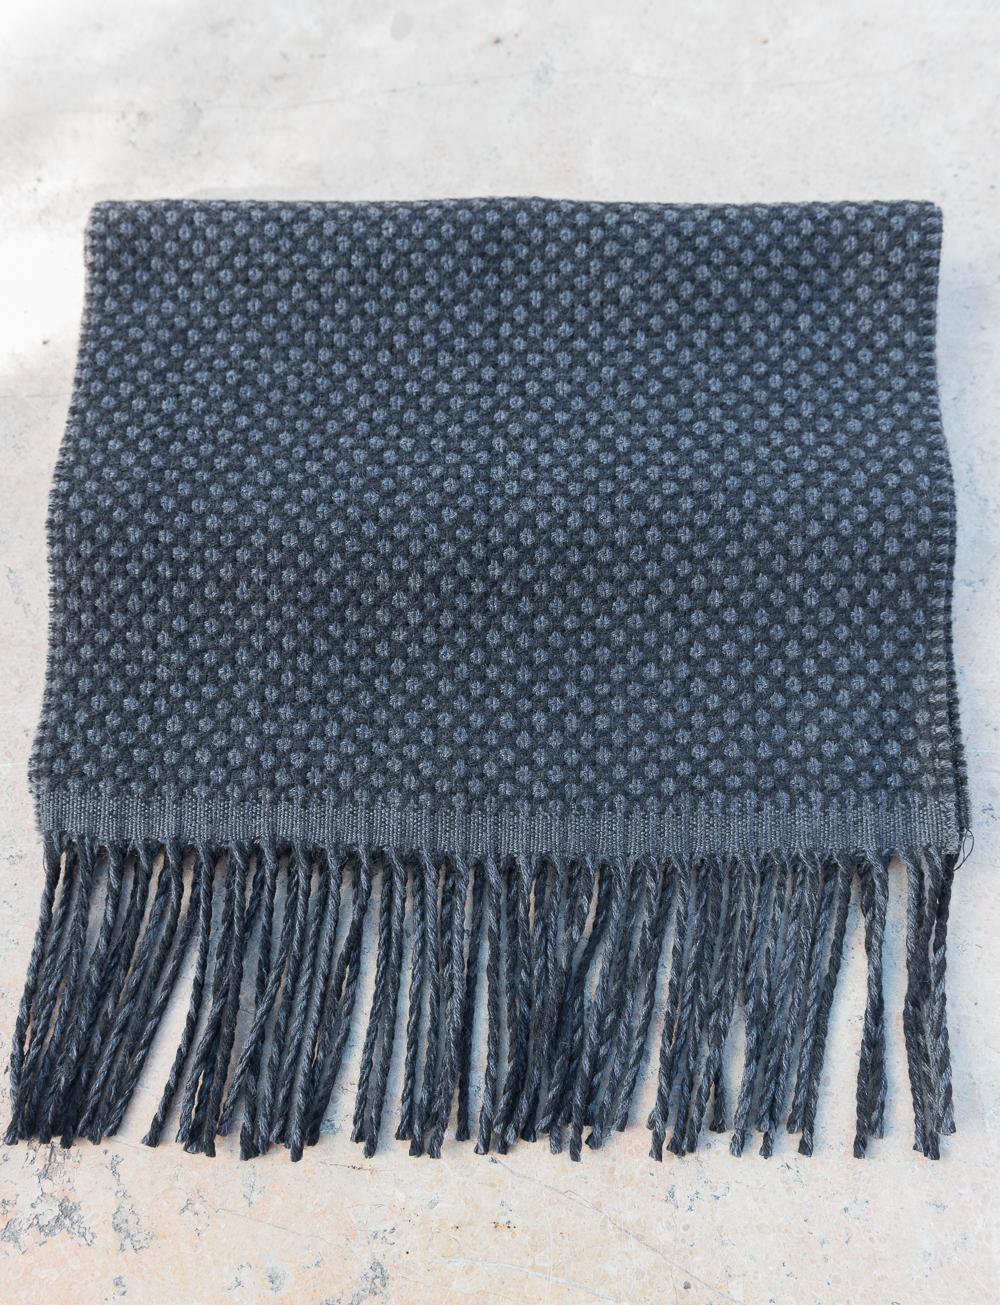 b5bfb4f7f315 Echarpe en laine à pois – noir gris. SOLDES. SOLDES. SOLDES